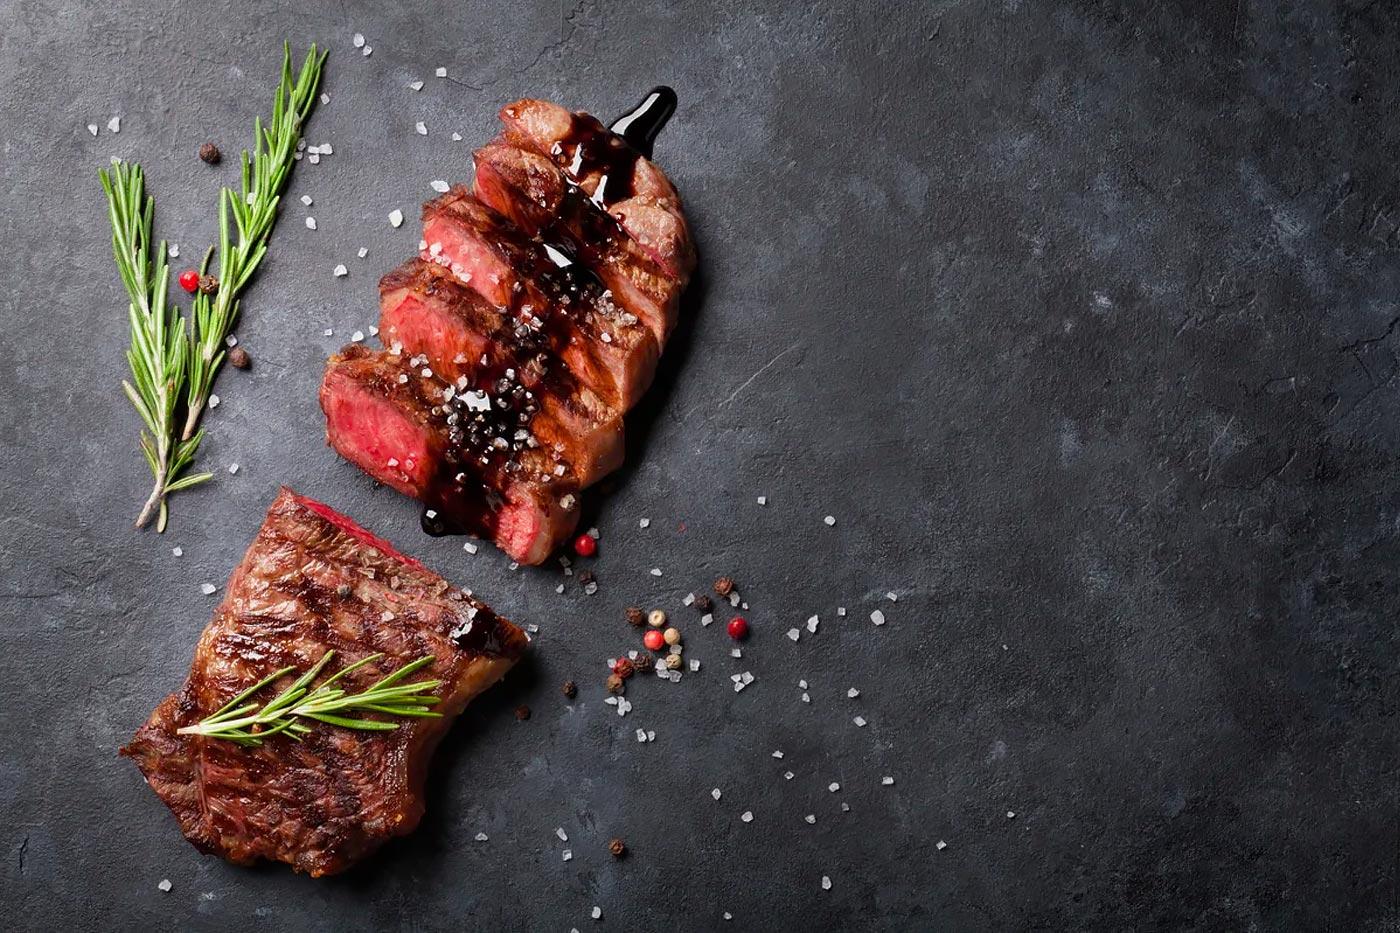 Что есть, чтобы похудеть —нежирное мясо